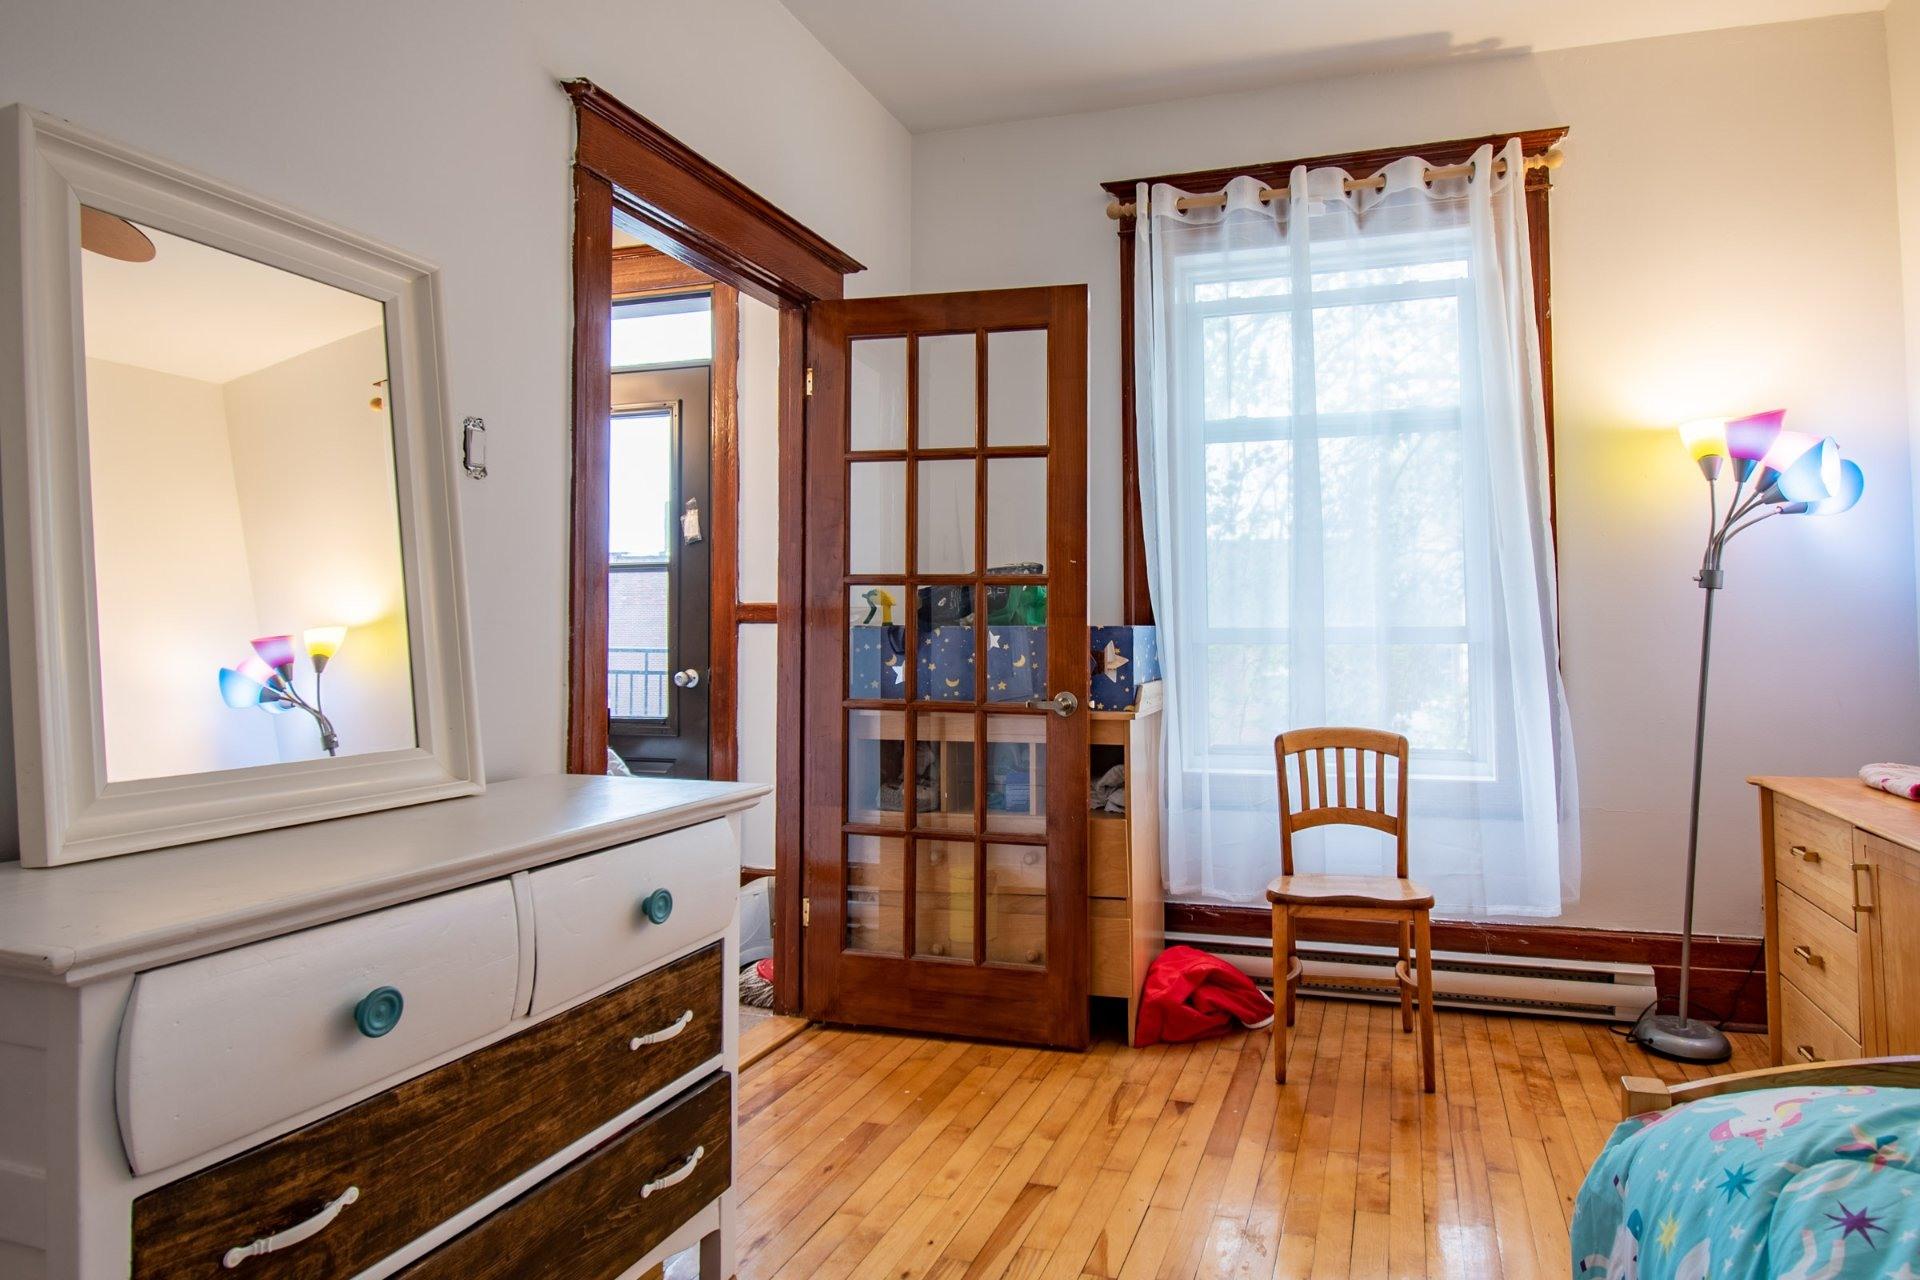 image 20 - Appartement À vendre Mercier/Hochelaga-Maisonneuve Montréal  - 5 pièces